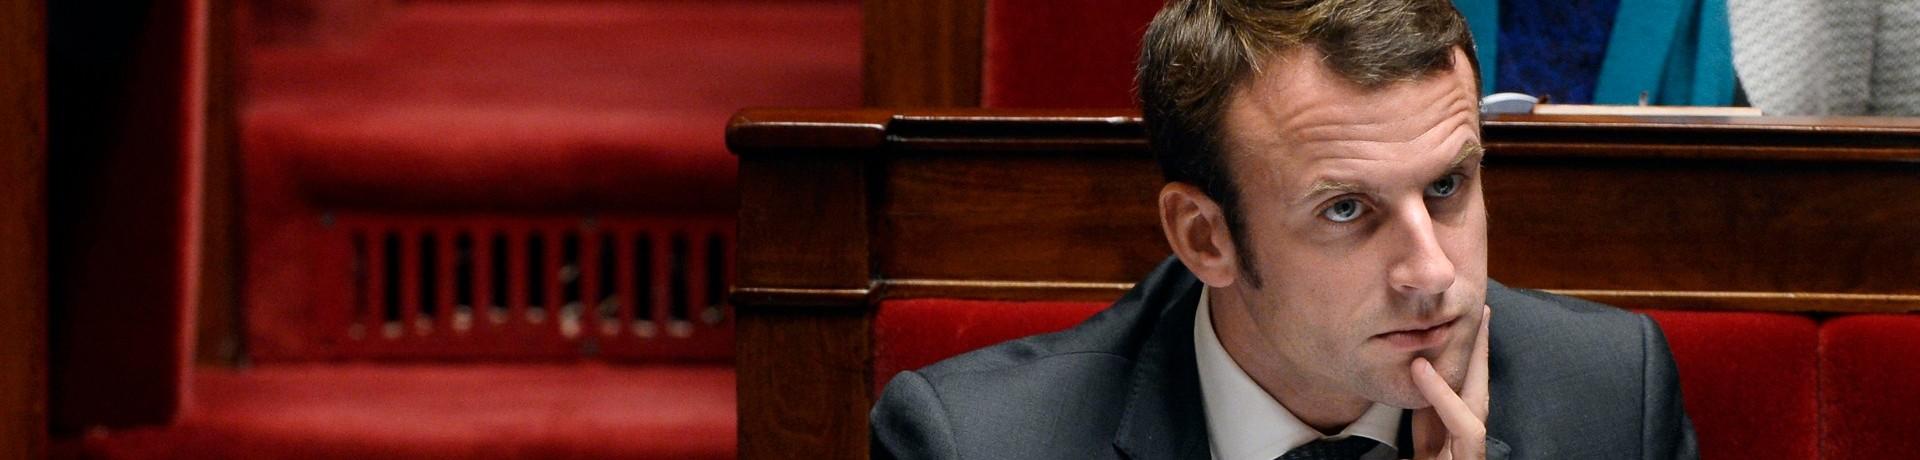 Emmanuel Macron à L'Assemblée nationale (illustration)